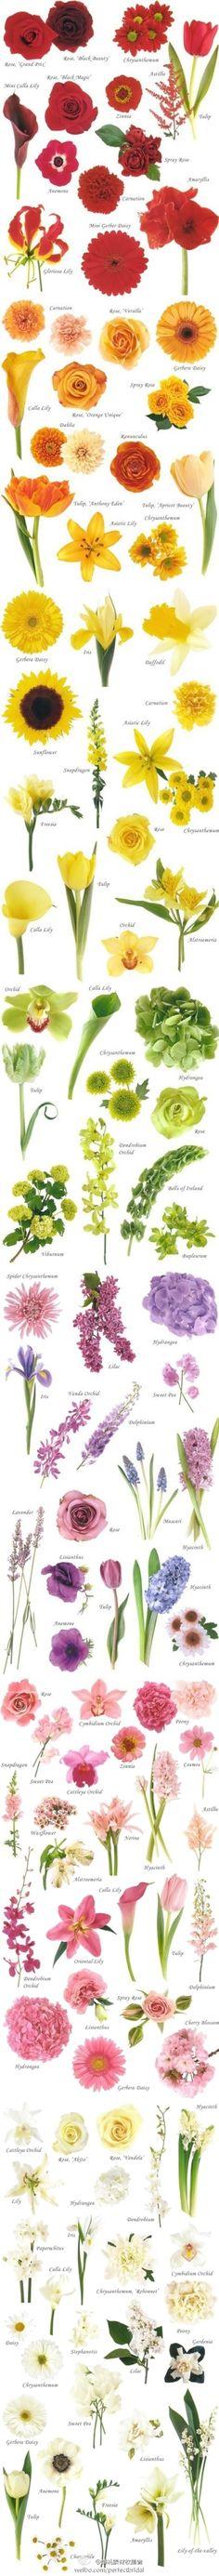 Color Gradient Flower Chart